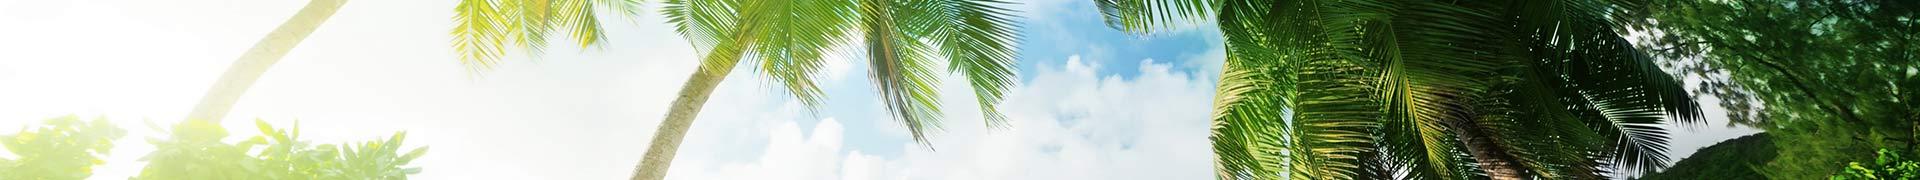 Illustration aire de jeux sous les tropiques pack Récré'Action